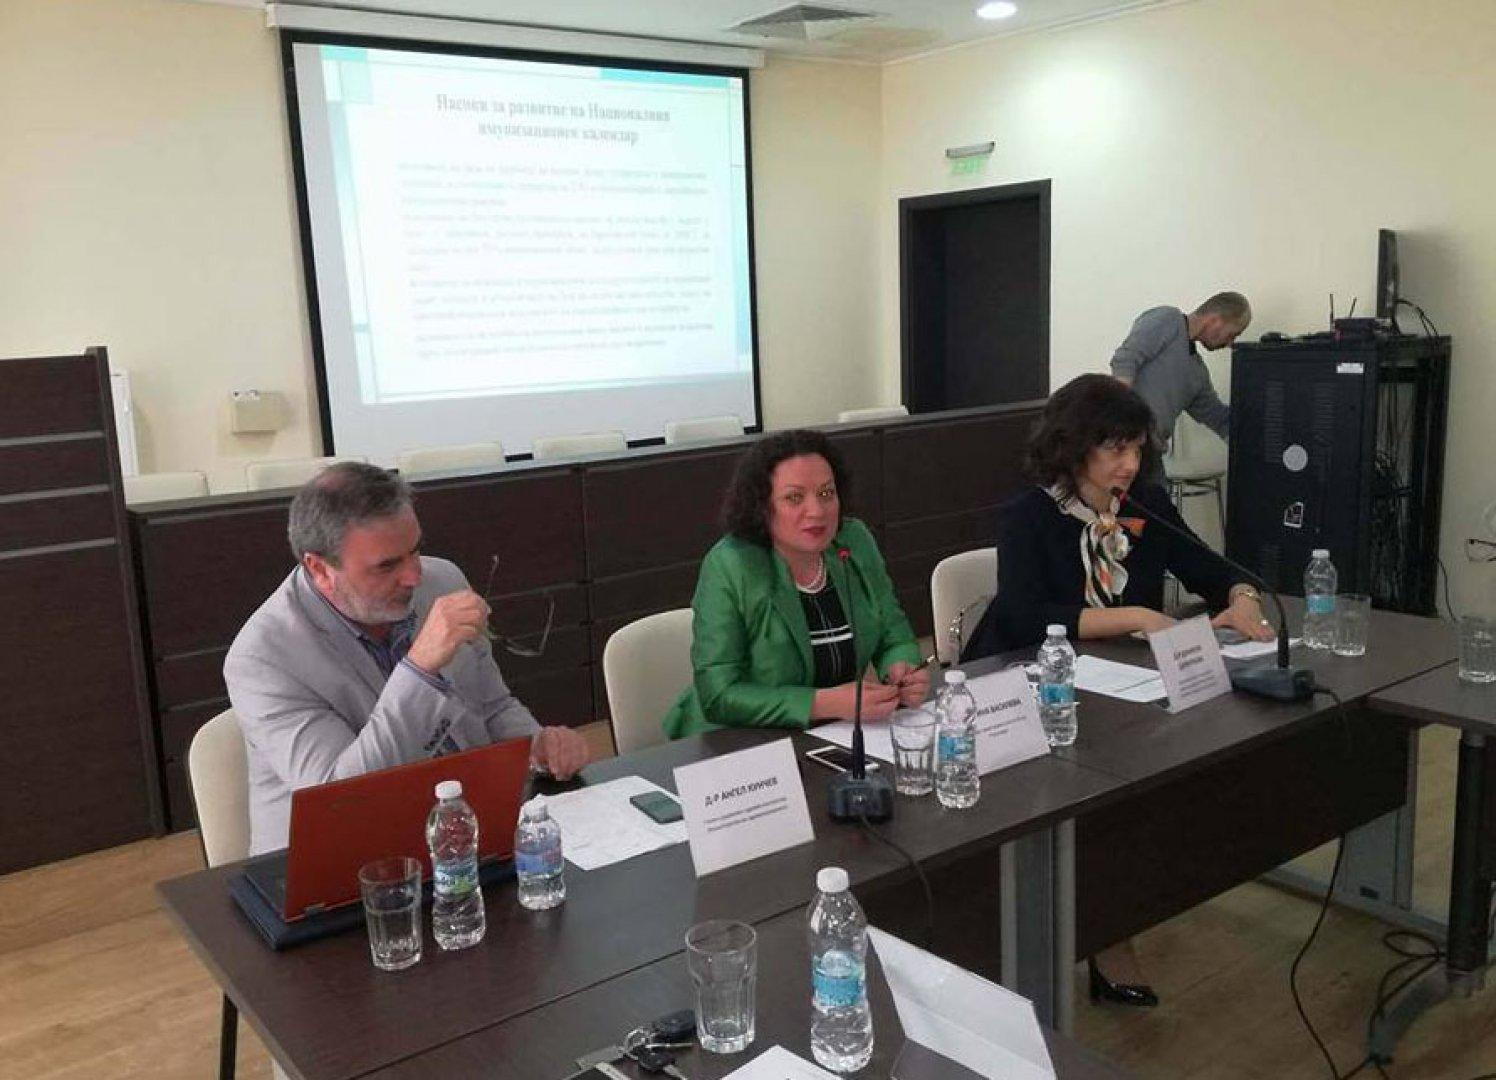 Форумът събра депутати, управители на здравни институции и болници в Бургас